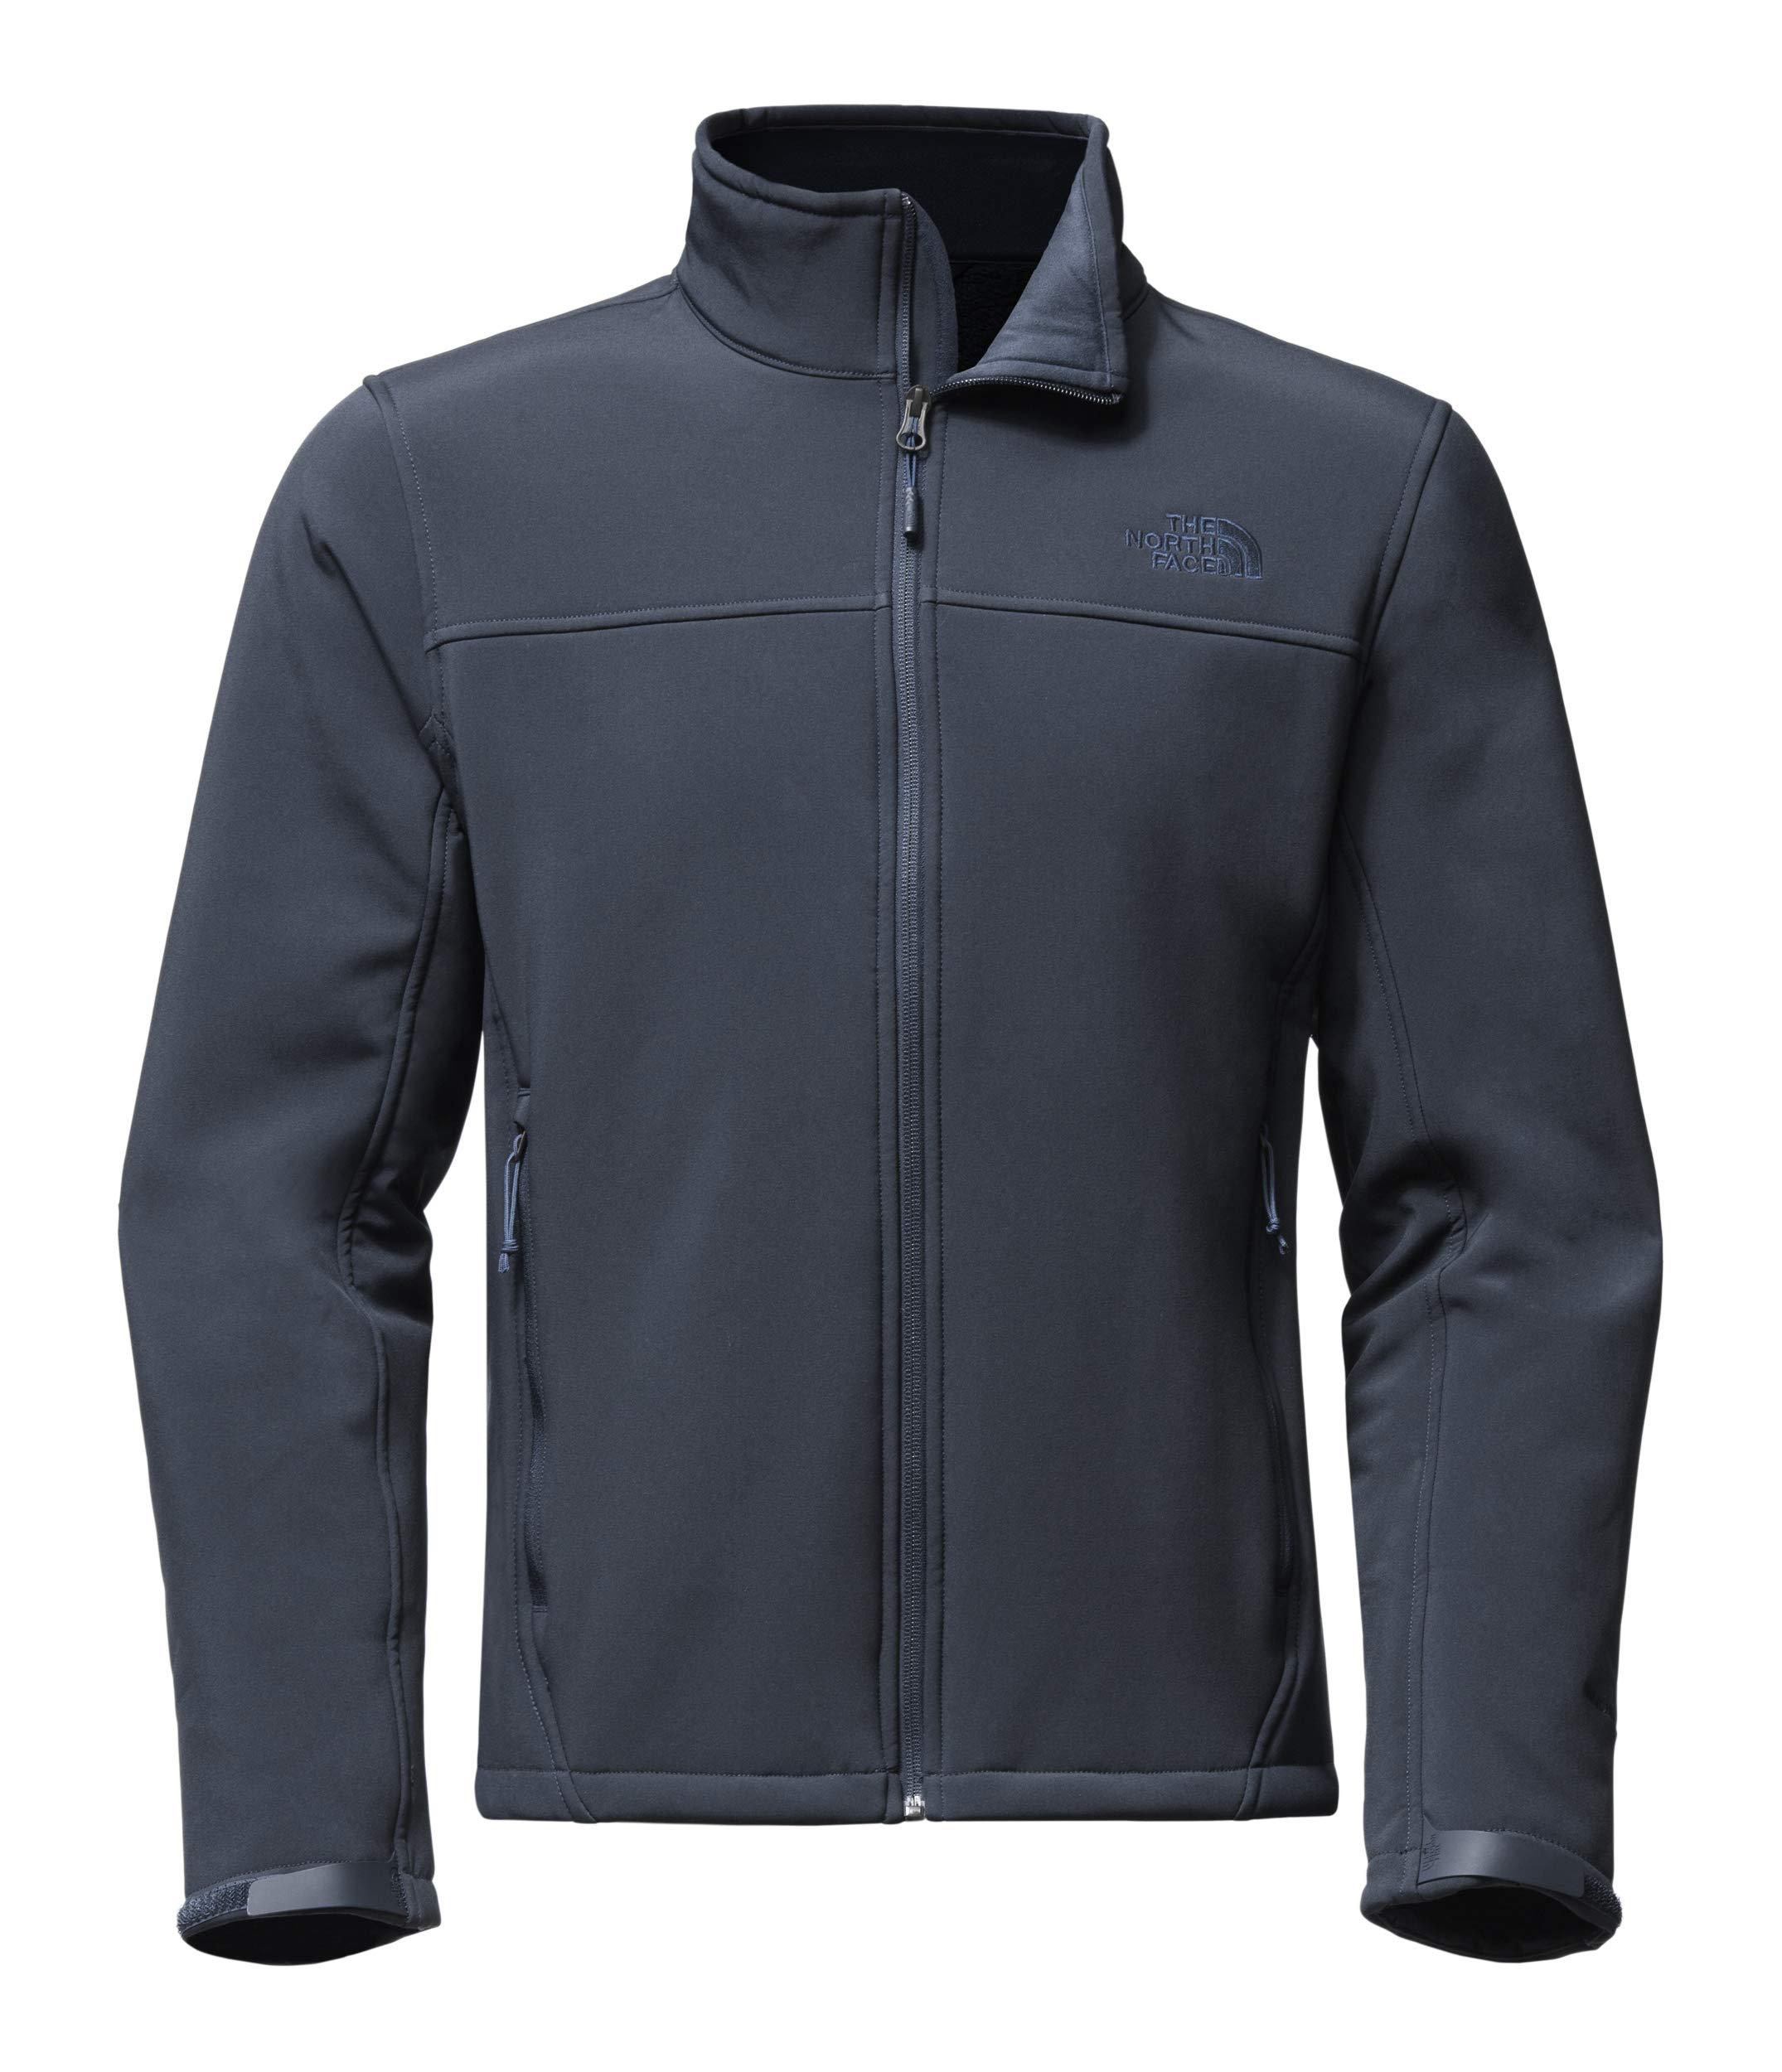 The North Face Men's Apex Chromium Thermal Jacket, Urban Navy/Urban Navy, L by The North Face